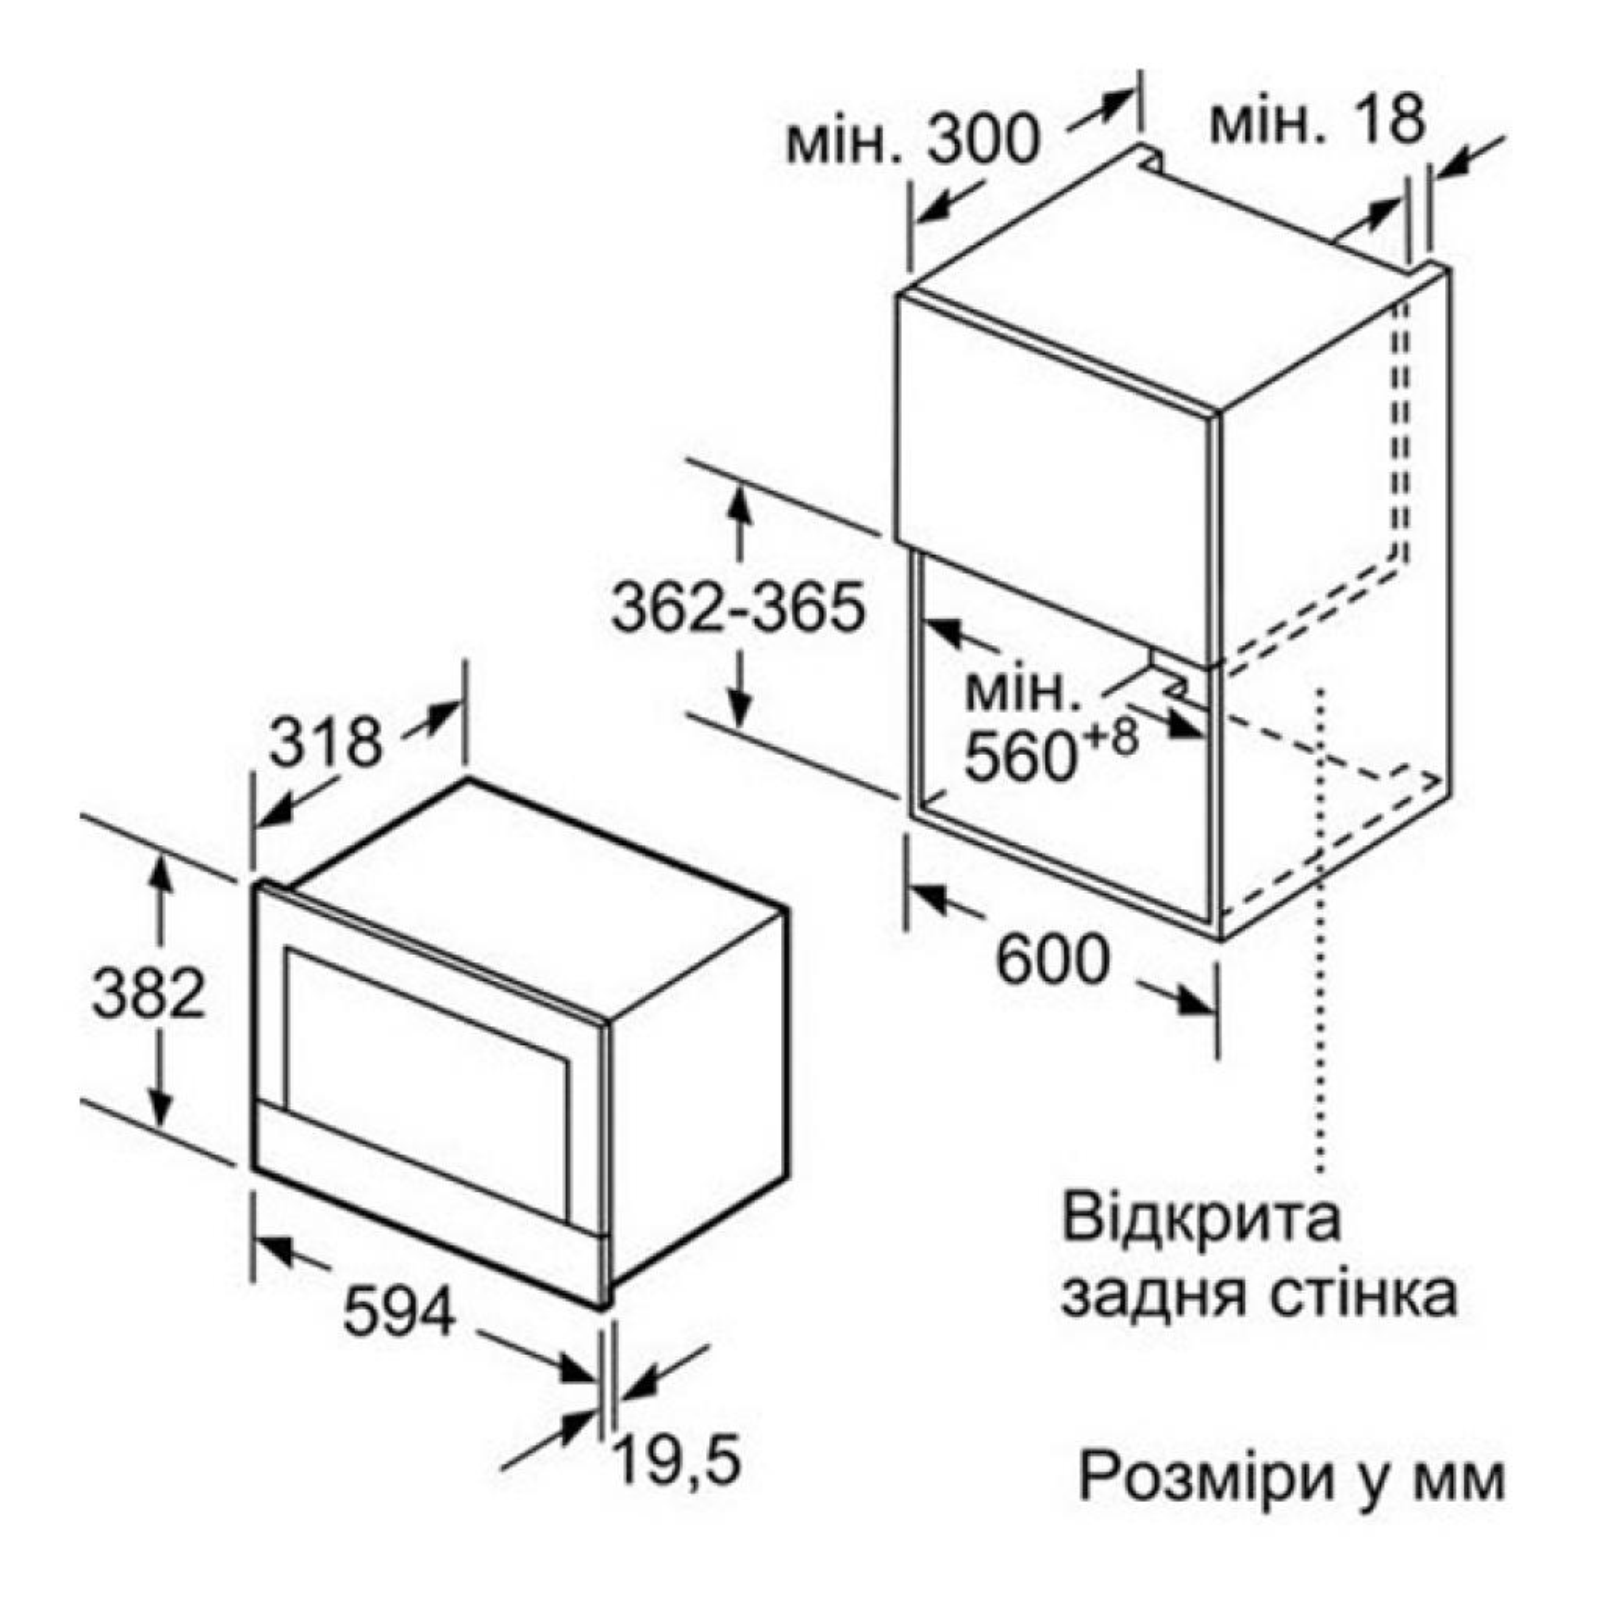 Микроволновая печь BOSCH BFL 634 GS1 изображение 6